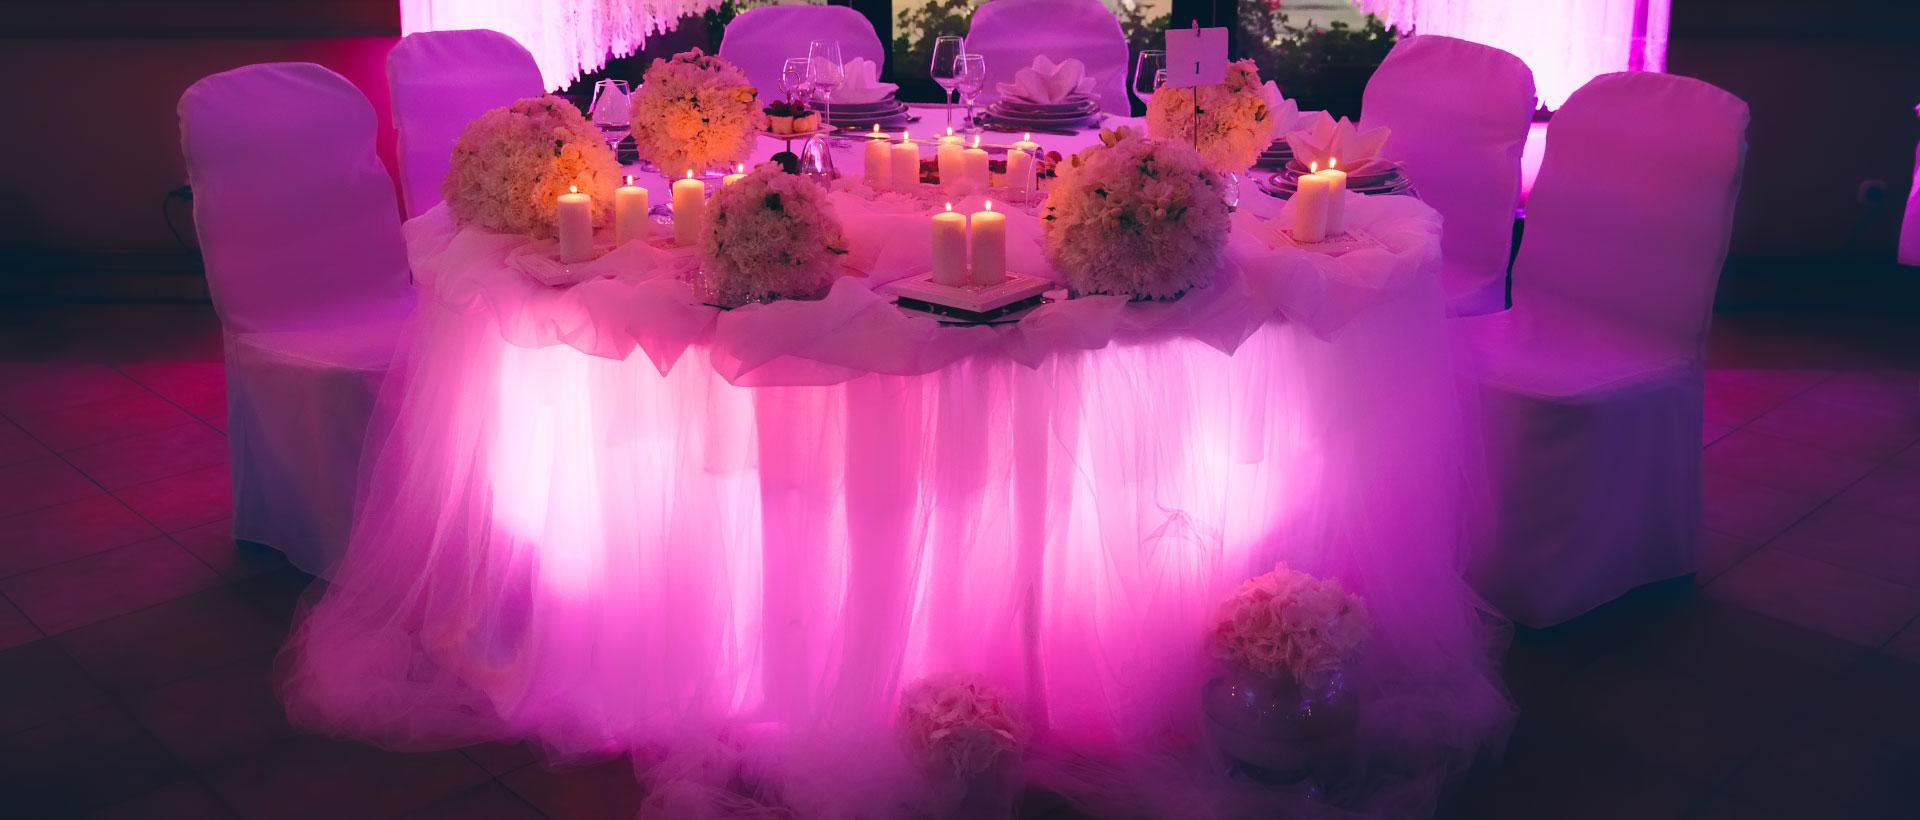 Restoran Gradina svadbe